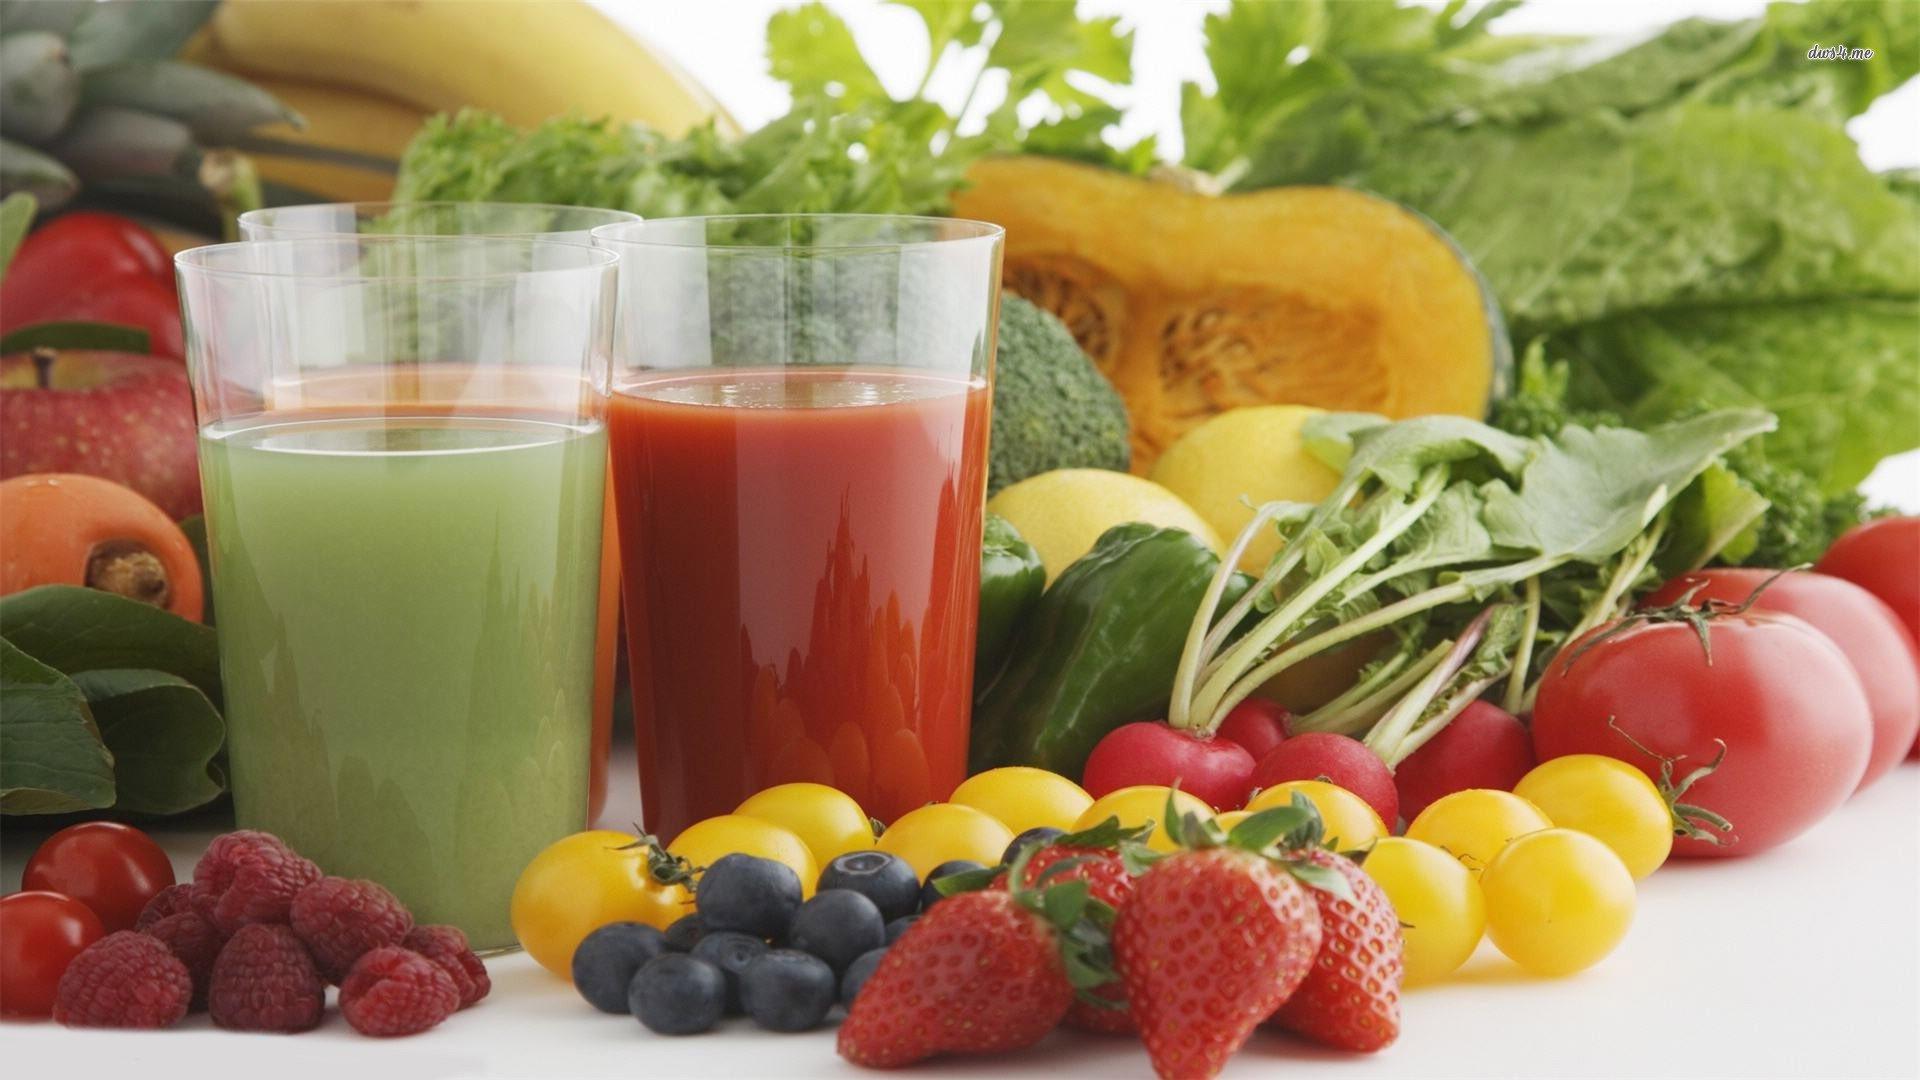 Kumpulan Resep Juice Buah Dan Sayuran Sederhana Yang Bisa Anda Buat Sendiri Di Rumah